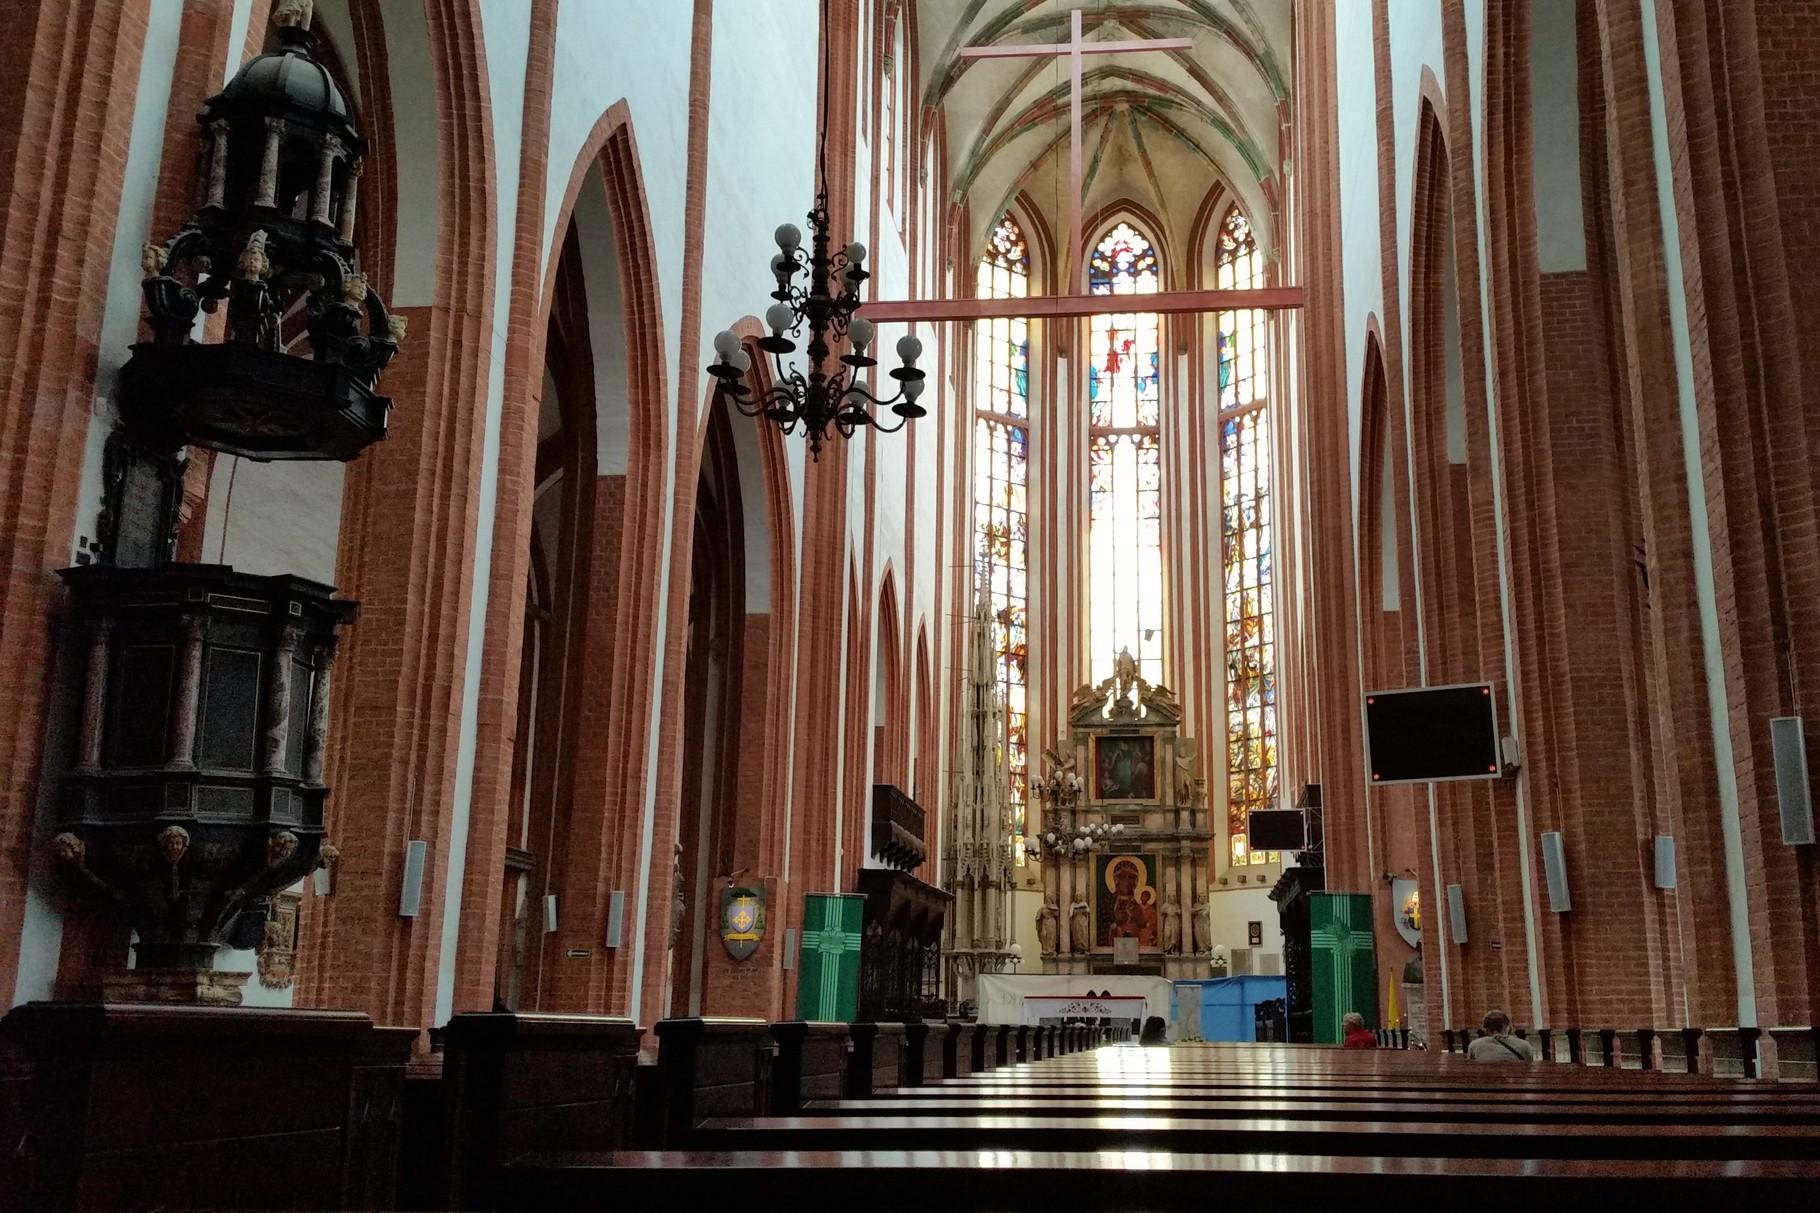 Mittelschiff der Garnisonskirche. St. Elizabeth